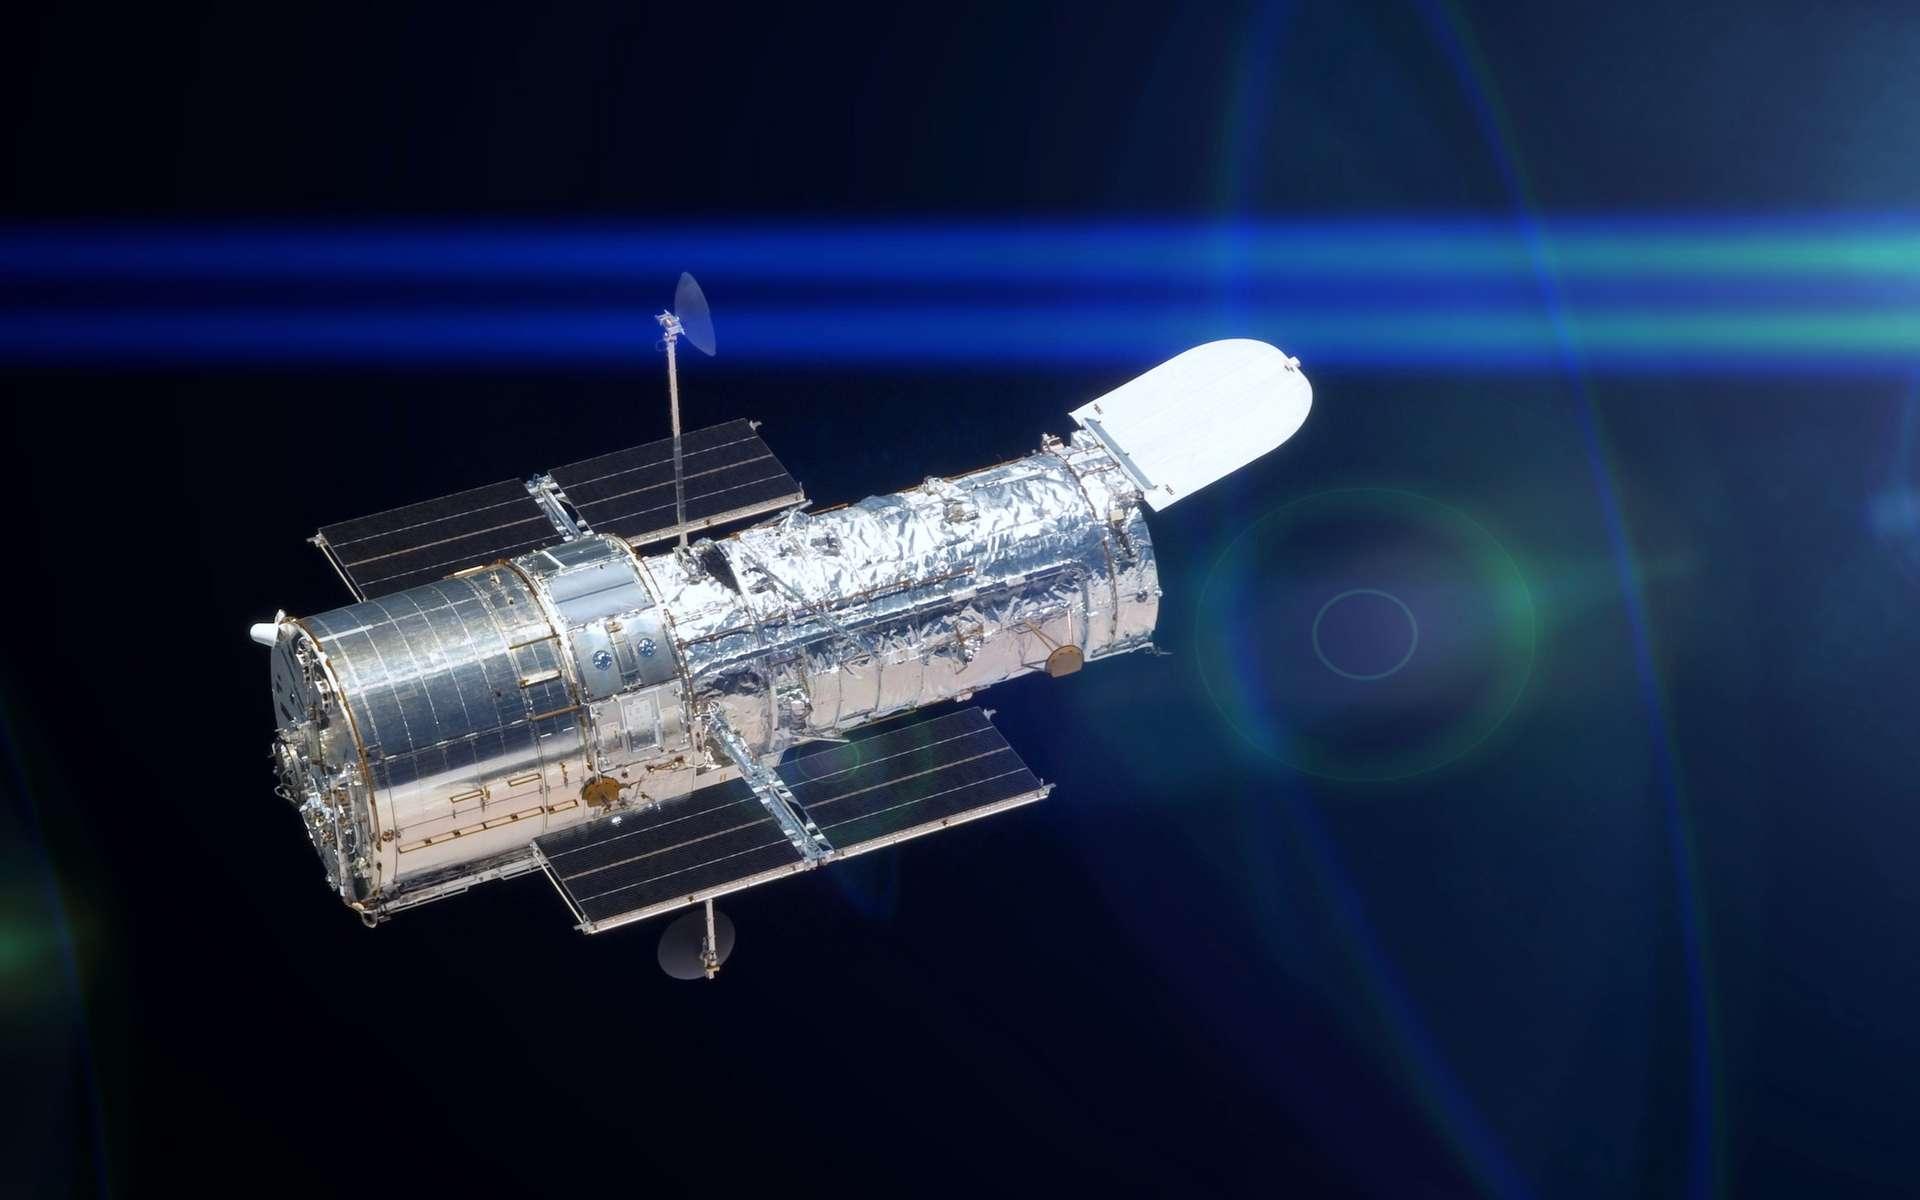 Le télescope spatial Hubble était complètement à l'arrêt depuis un mois suite à une défaillance de l'ordinateur de bord. © dottedyeti, Adobe Stock